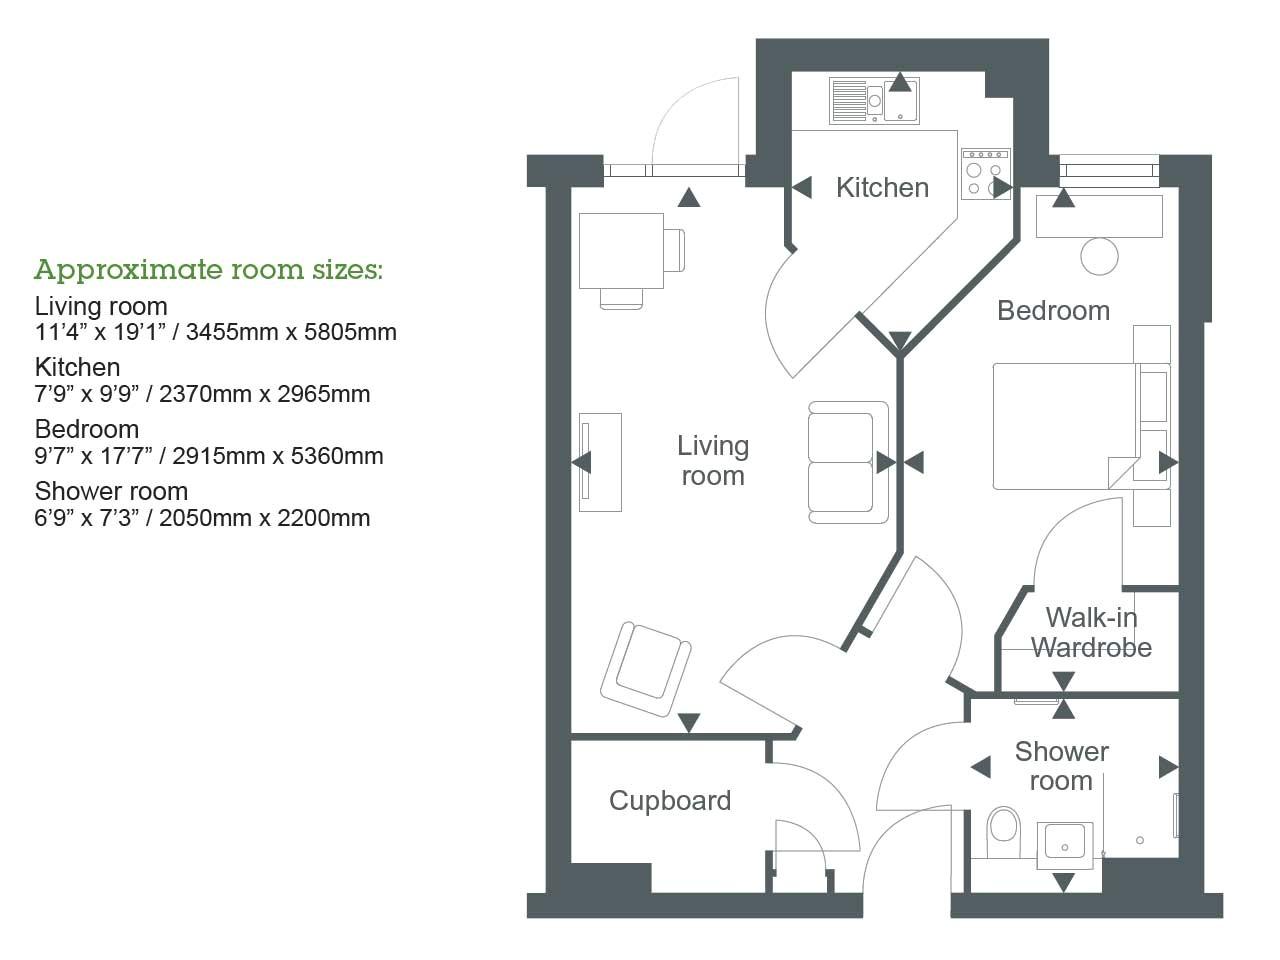 knole house floor plan